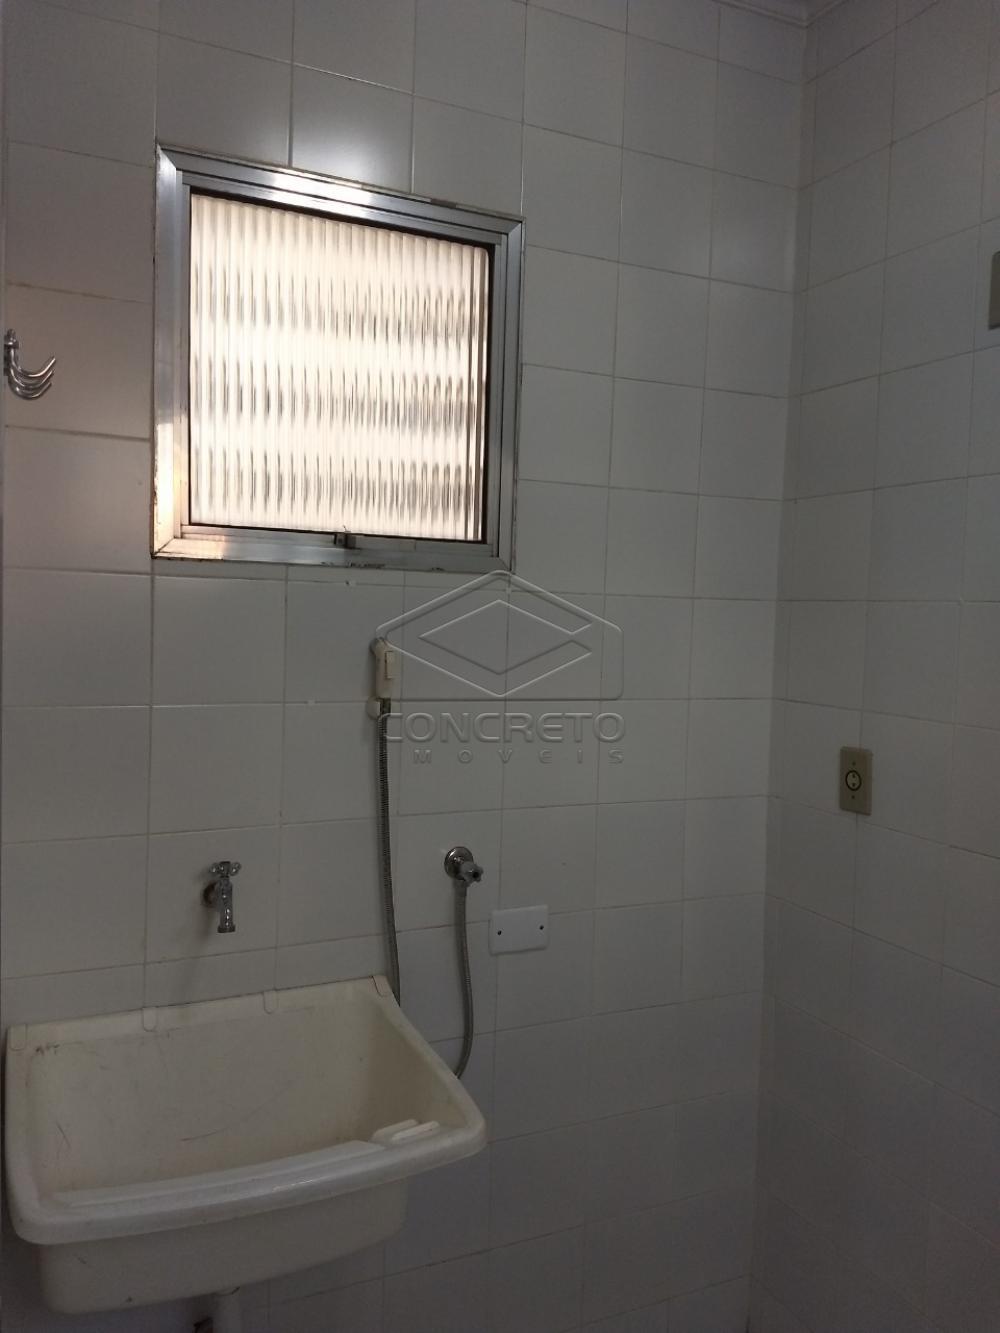 Comprar Apartamento / Padrão em Bauru apenas R$ 200.000,00 - Foto 12